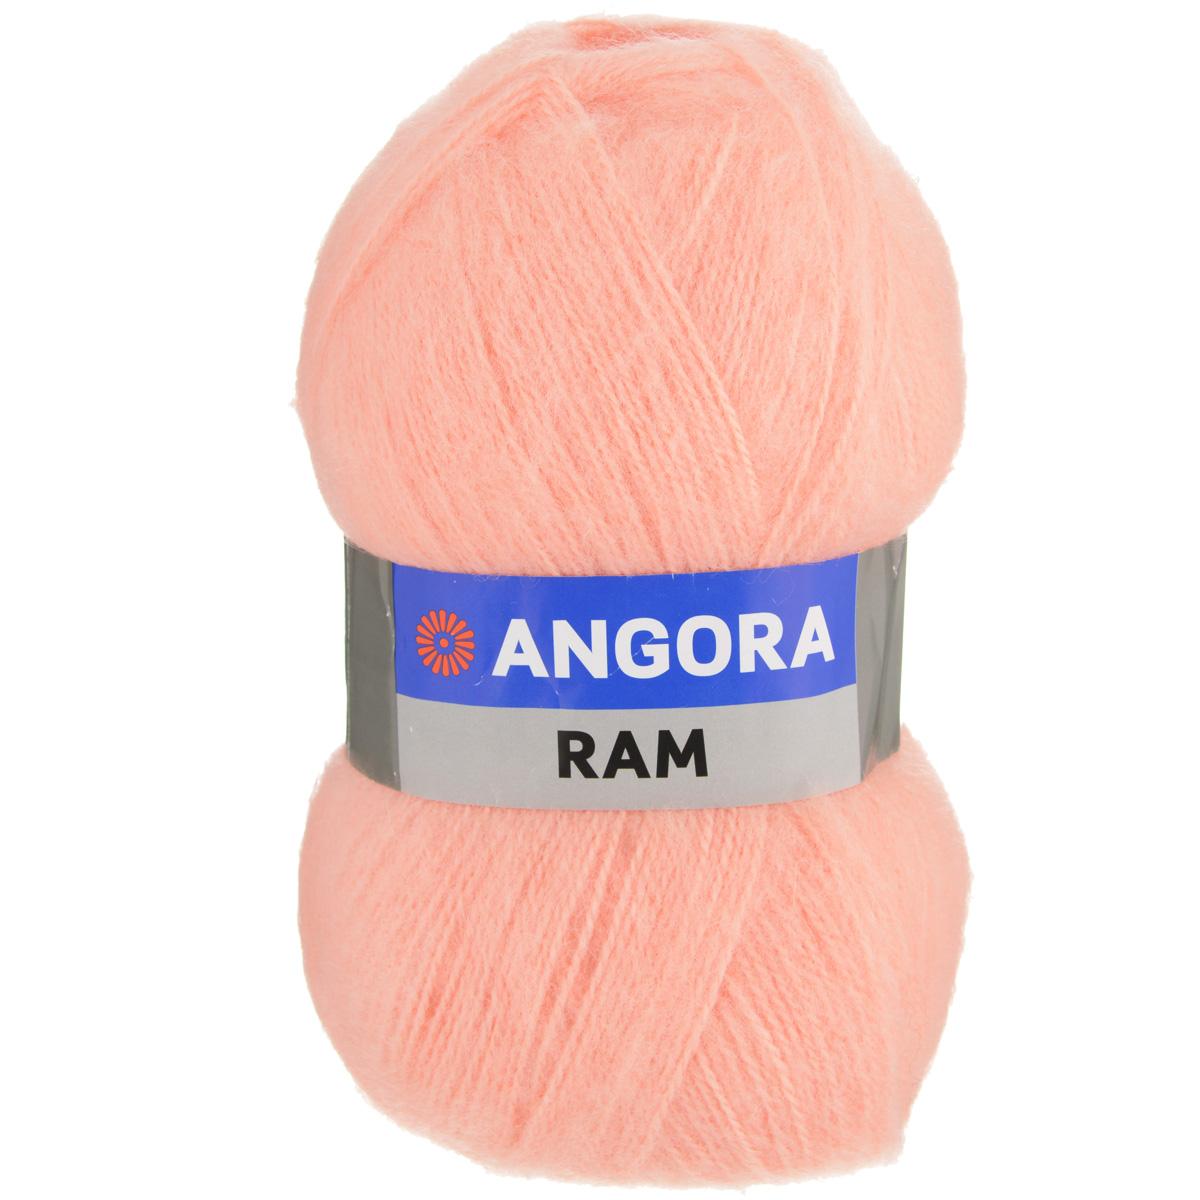 Пряжа для вязания YarnArt Angora Ram, цвет: персиковый (), 500 м, 100 г, 5 шт372037_Пряжа для вязания YarnArt Angora Ram изготовлена из натурального мохера с добавлением акрила. Пряжа из такого материала обладает повышенной прочностью и эластичностью, а изделия получаются теплые и уютные. Скрутка нити плотная, равномерная, не расслаивается, не путается, хорошо скользит по спицам, вяжется очень легко. Петли выглядят аккуратно, а натуральный мохер обеспечивает теплоту, легкость и превосходный внешний вид. Нить можно комбинировать с полушерстяными пряжами для смягчения рисунка, придания благородной пушистости фактуре нити, а также для улучшения тепловых характеристик. Благодаря содержанию синтетических волокон, изделия из YarnArt Angora Ram устойчивы к скатыванию, а благодаря своей мягкости такая пряжа подходит для детских вещей. Ажурные вещи сохраняют тепло не хуже плотного вязания, оставаясь легкими и объемными. Рекомендуемый размер спиц: №4. Примерный расход пряжи на джемпер: S - 400 г, M - 500 г, L - 600 г. Состав: 40%...